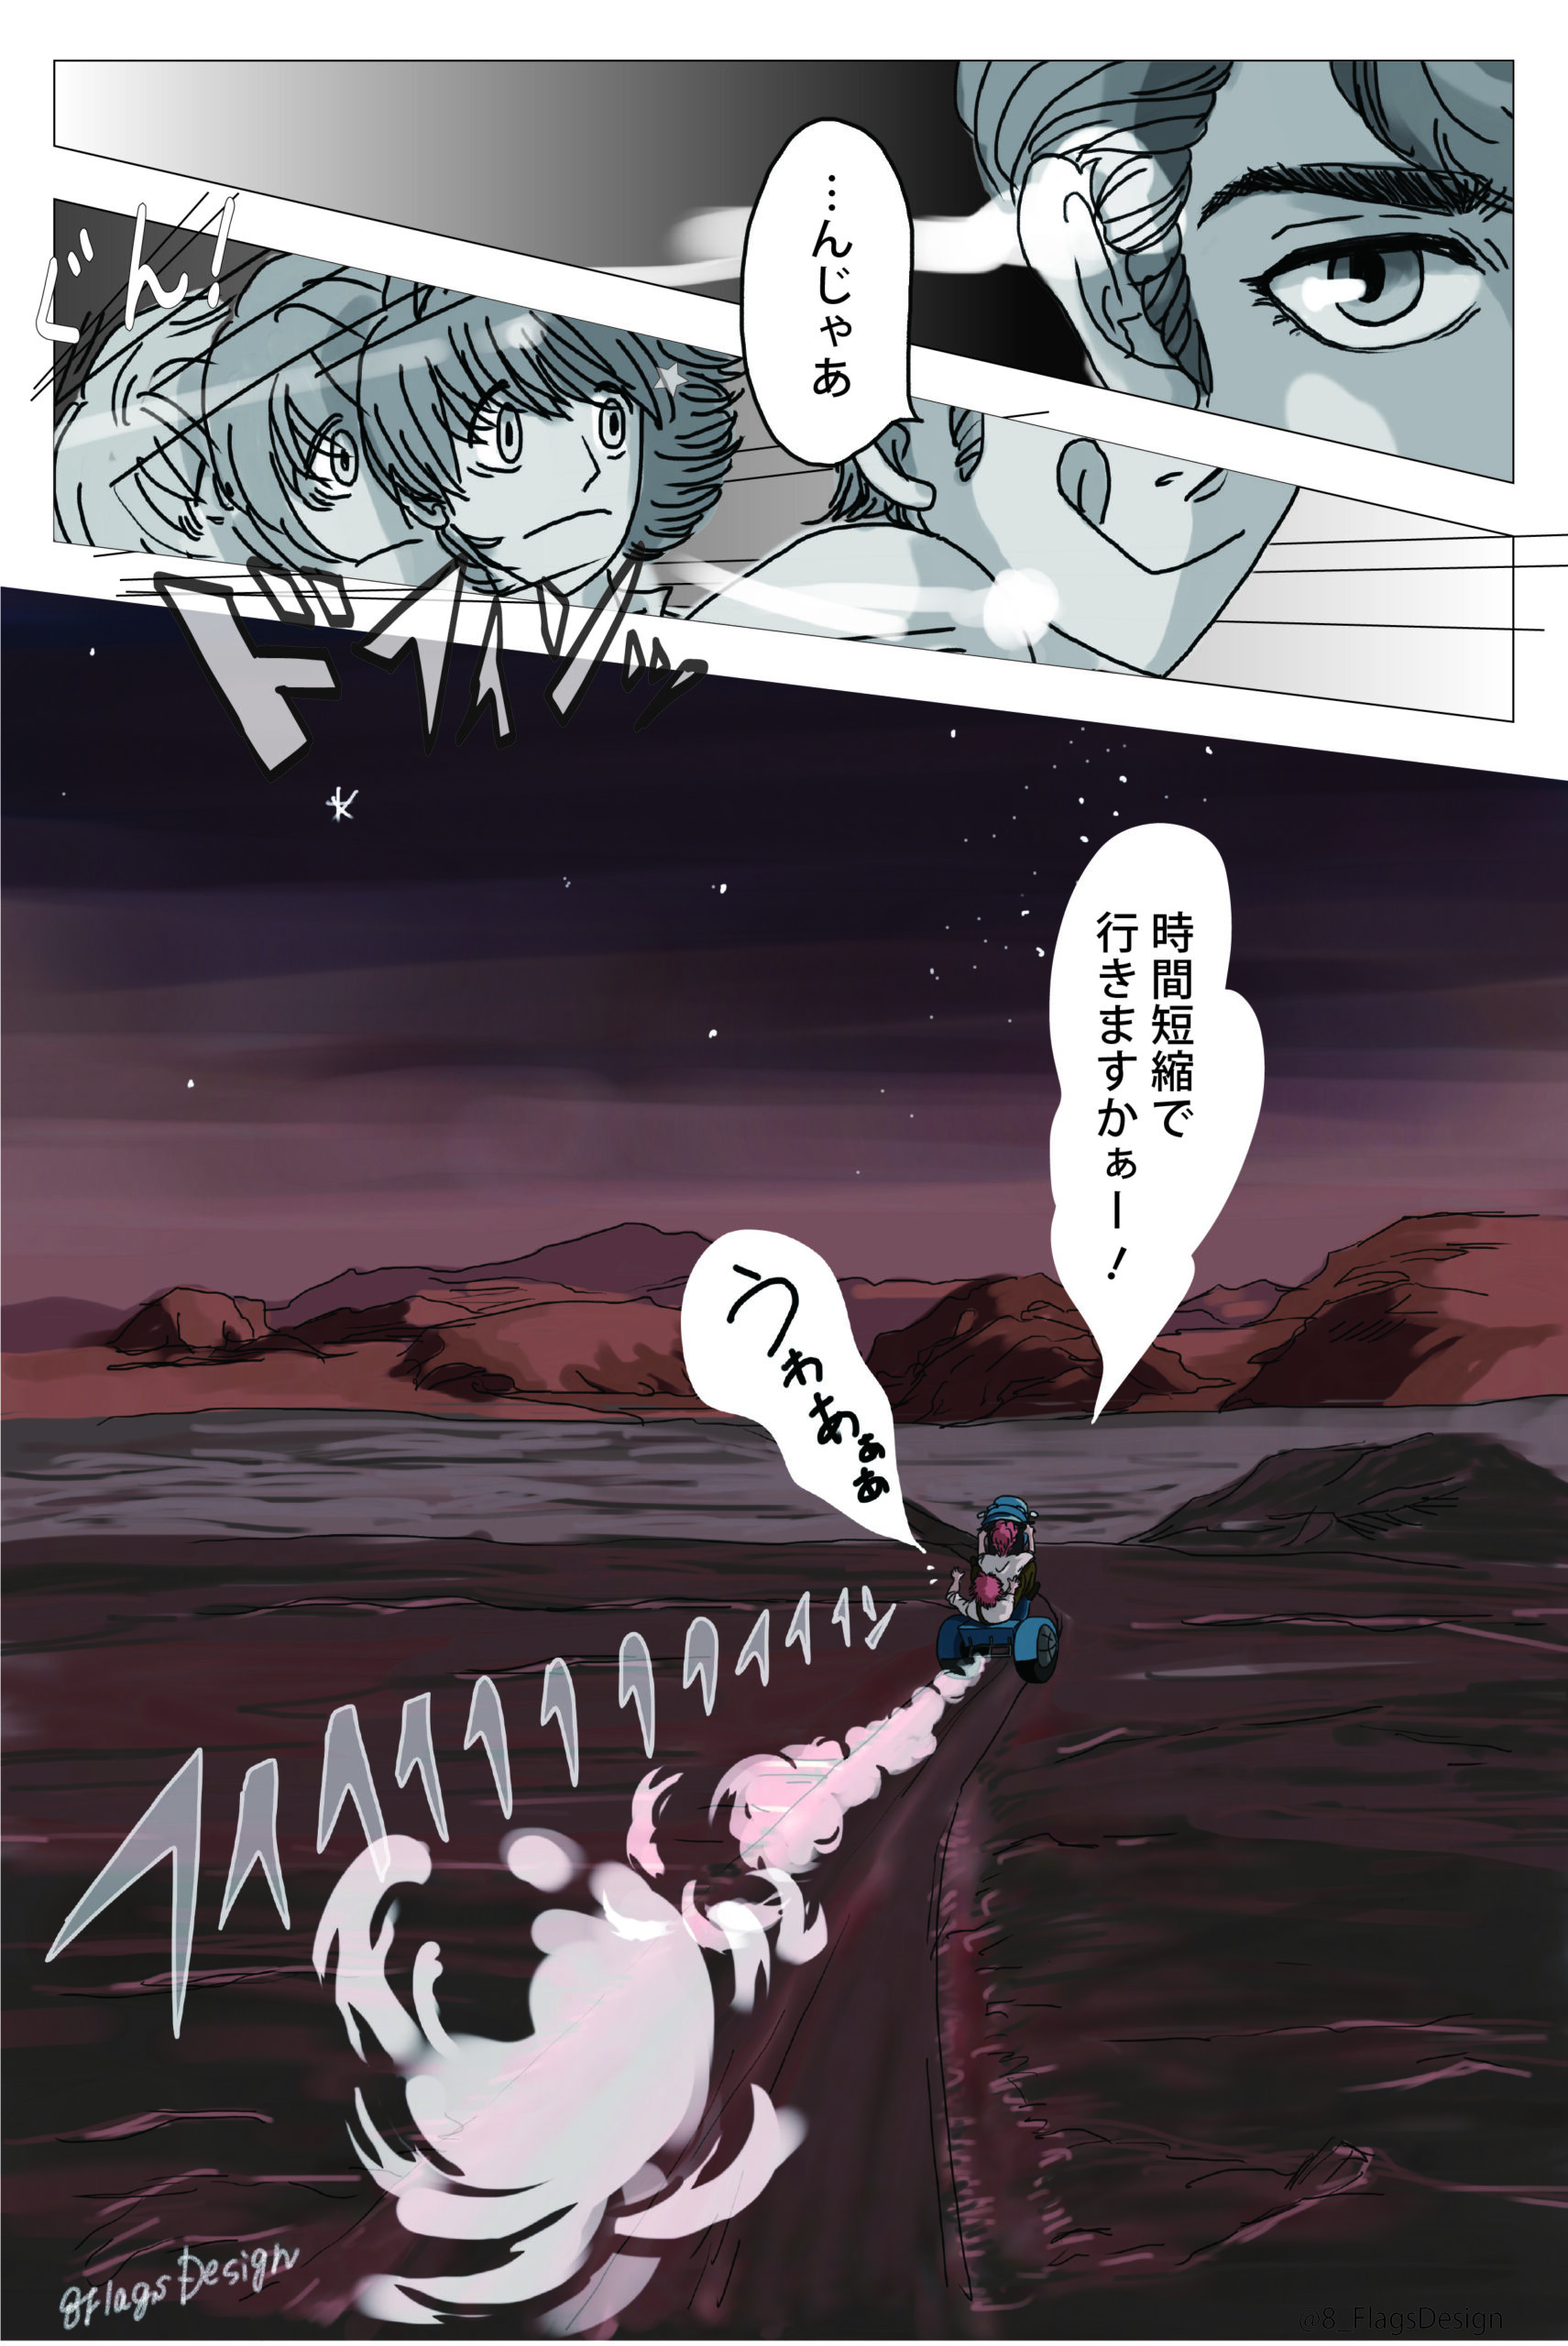 ロロ旅立ち編No5-6